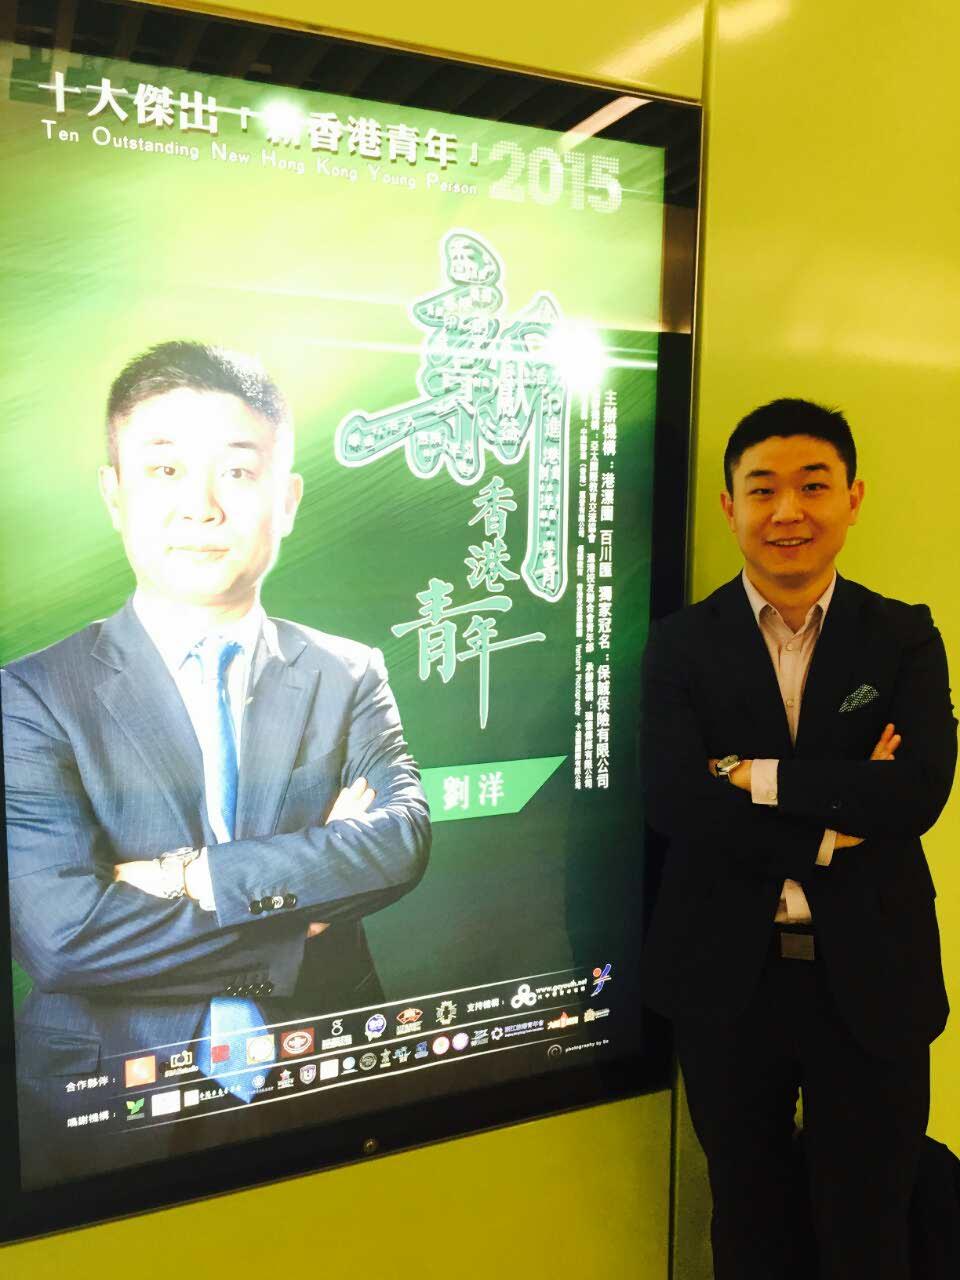 刘洋:相信香港未来会保持领先地位